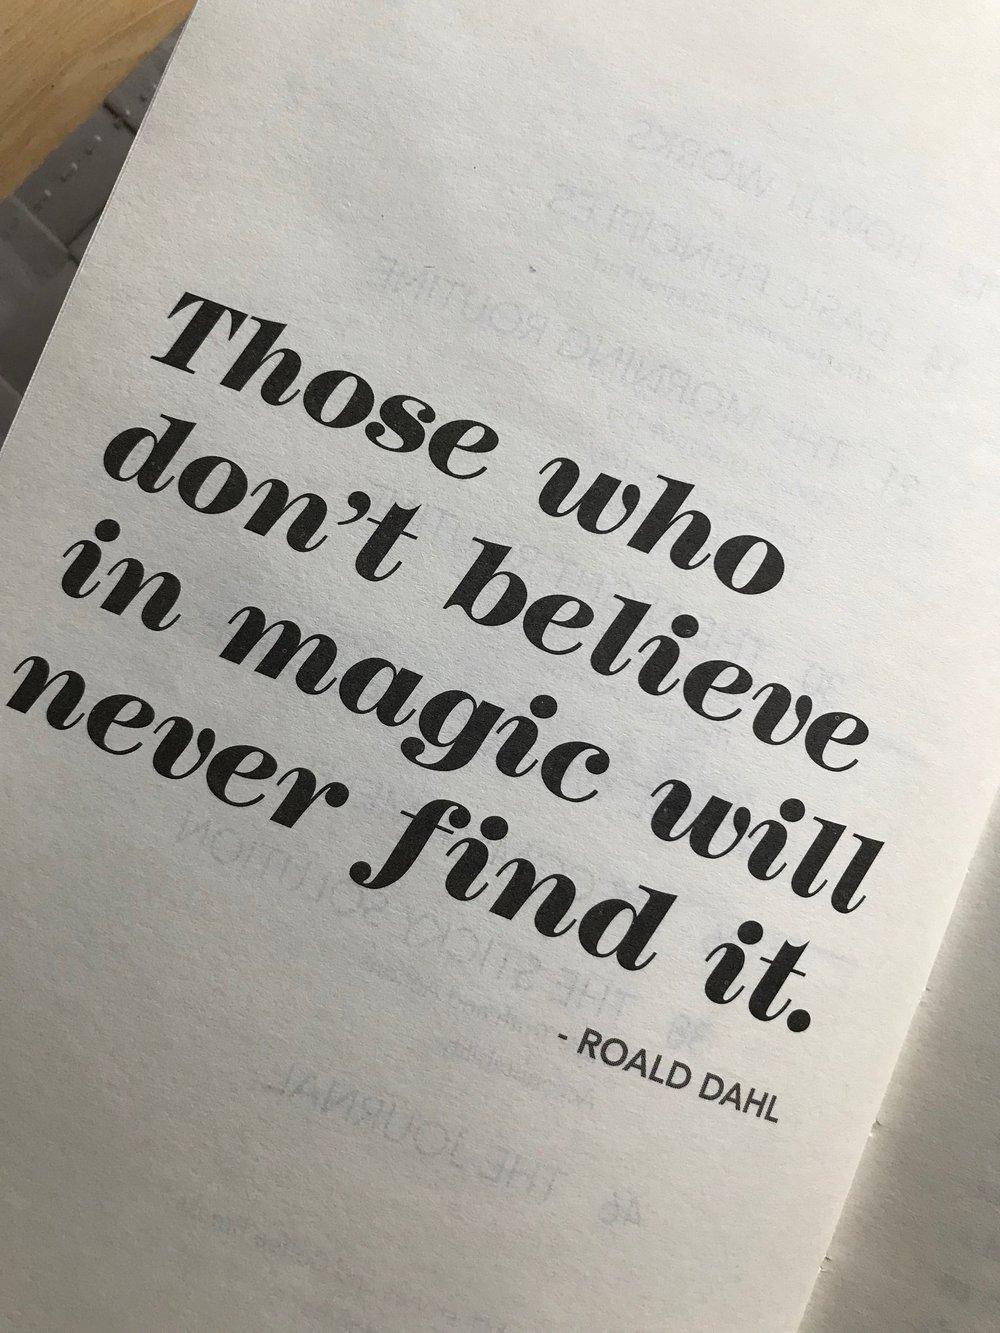 Ken uskoo taikuuteen… - ….tai tässä tapauksessa positiiviseen ajatteluun elämäntapana.